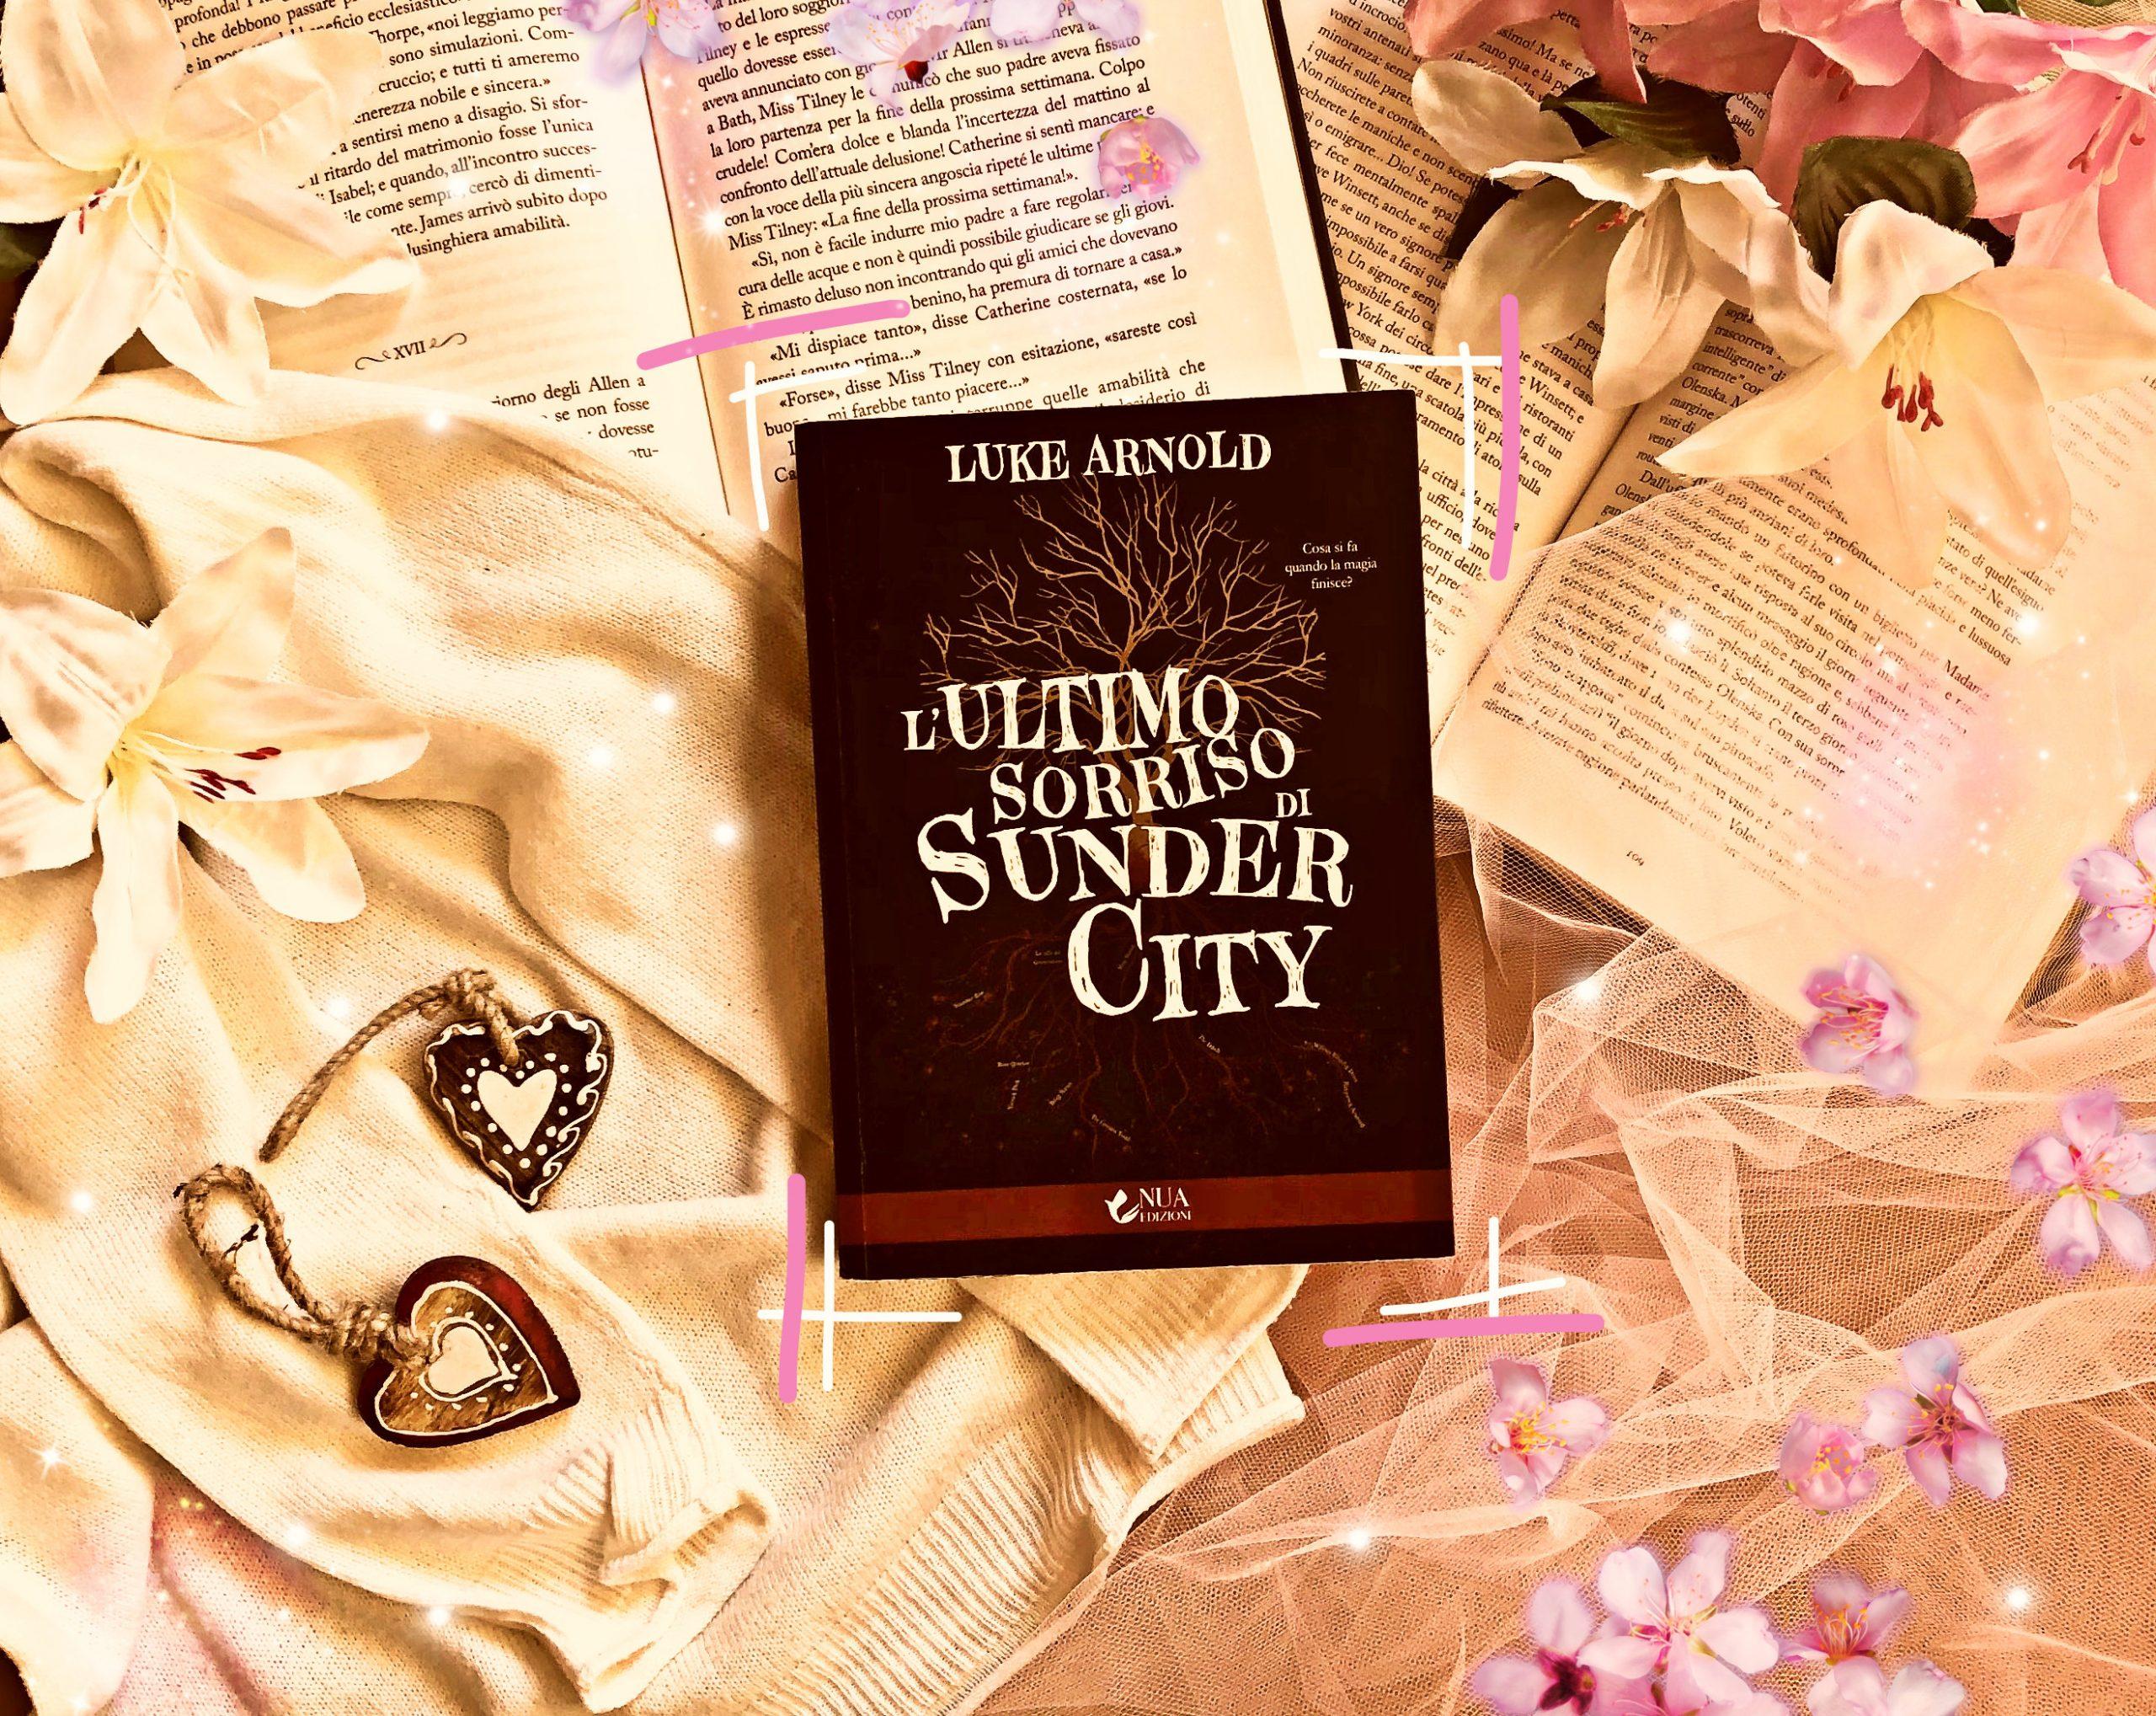 L'ultimo sorriso di Sunder City – Luke Arnold